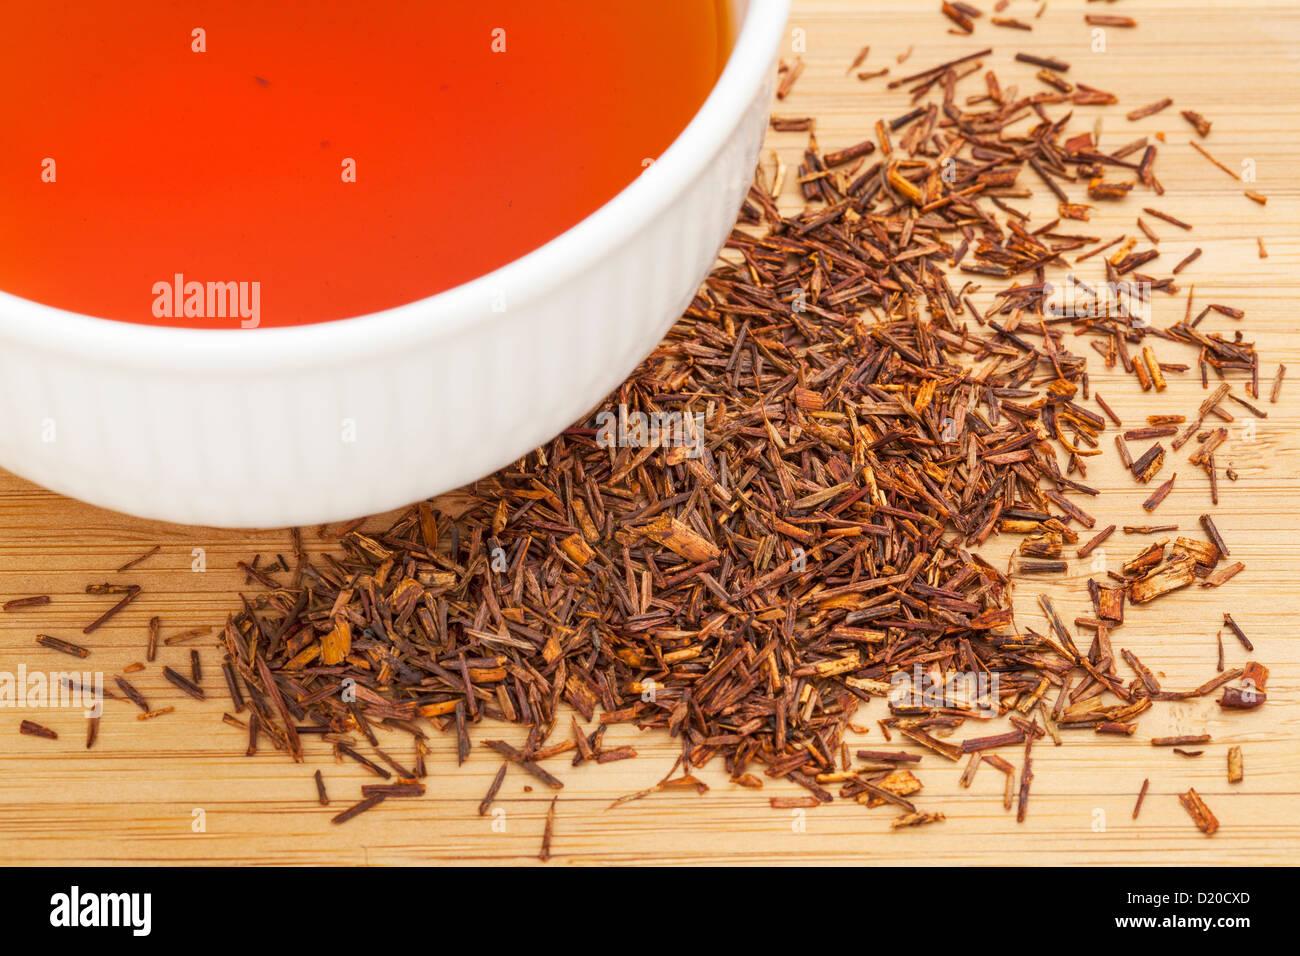 Rooibos Roter Tee Blatter Eine Weisse Tasse Trinken Und Lose Auf